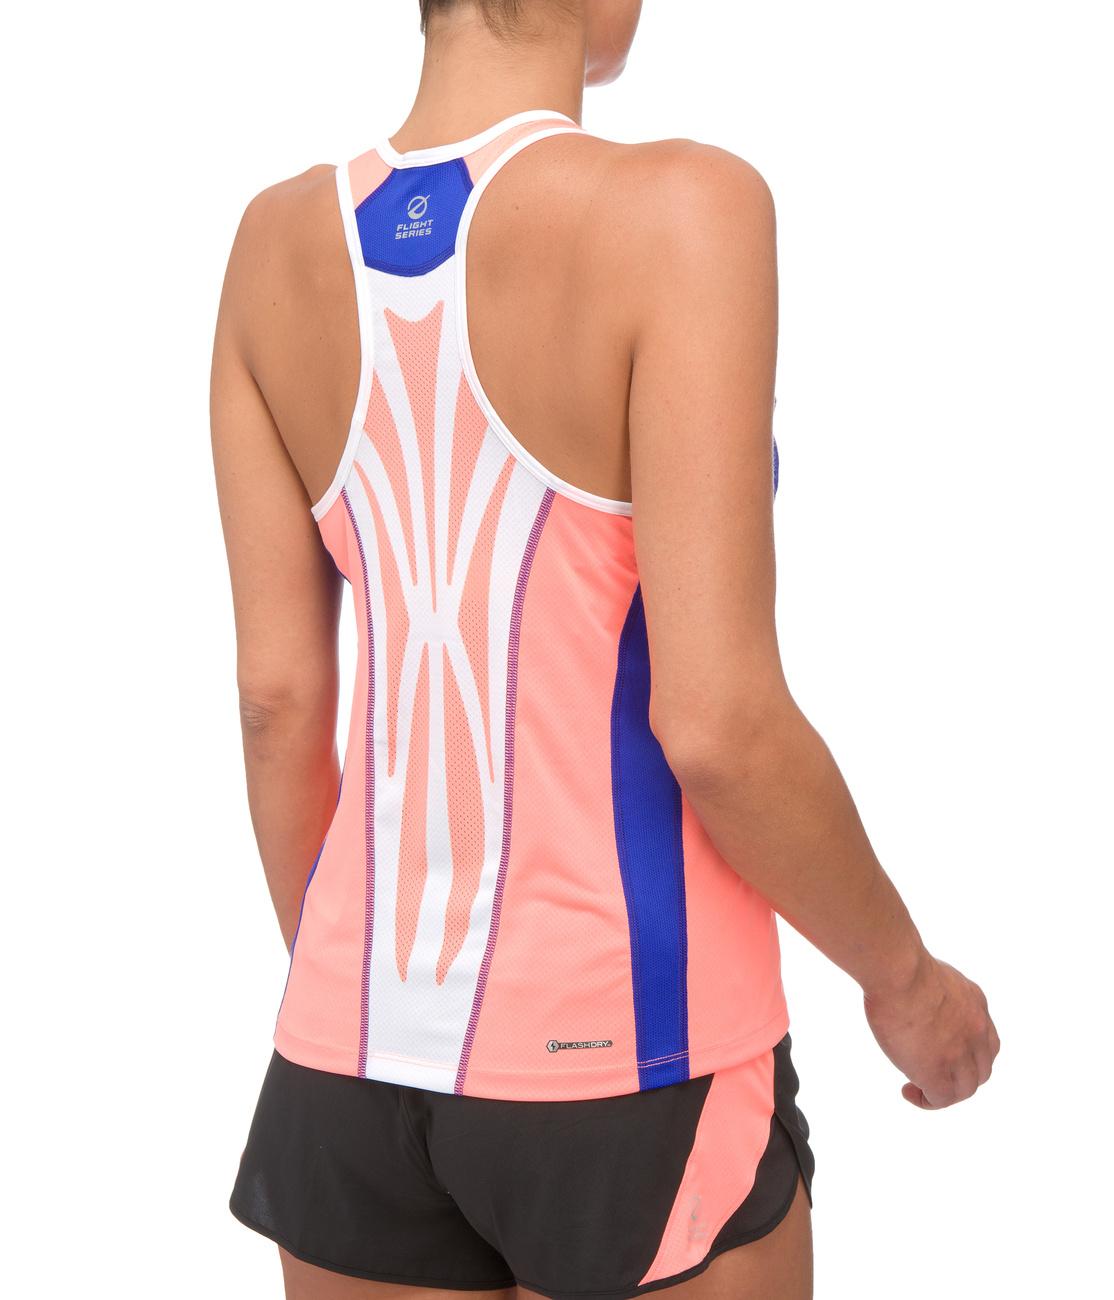 Így néz ki a póló előlről, nem valami nagy szám, de van benne beépített melltartó. A cipőből van pink is, nézze meg a WestEndben lévő HH üzletben!